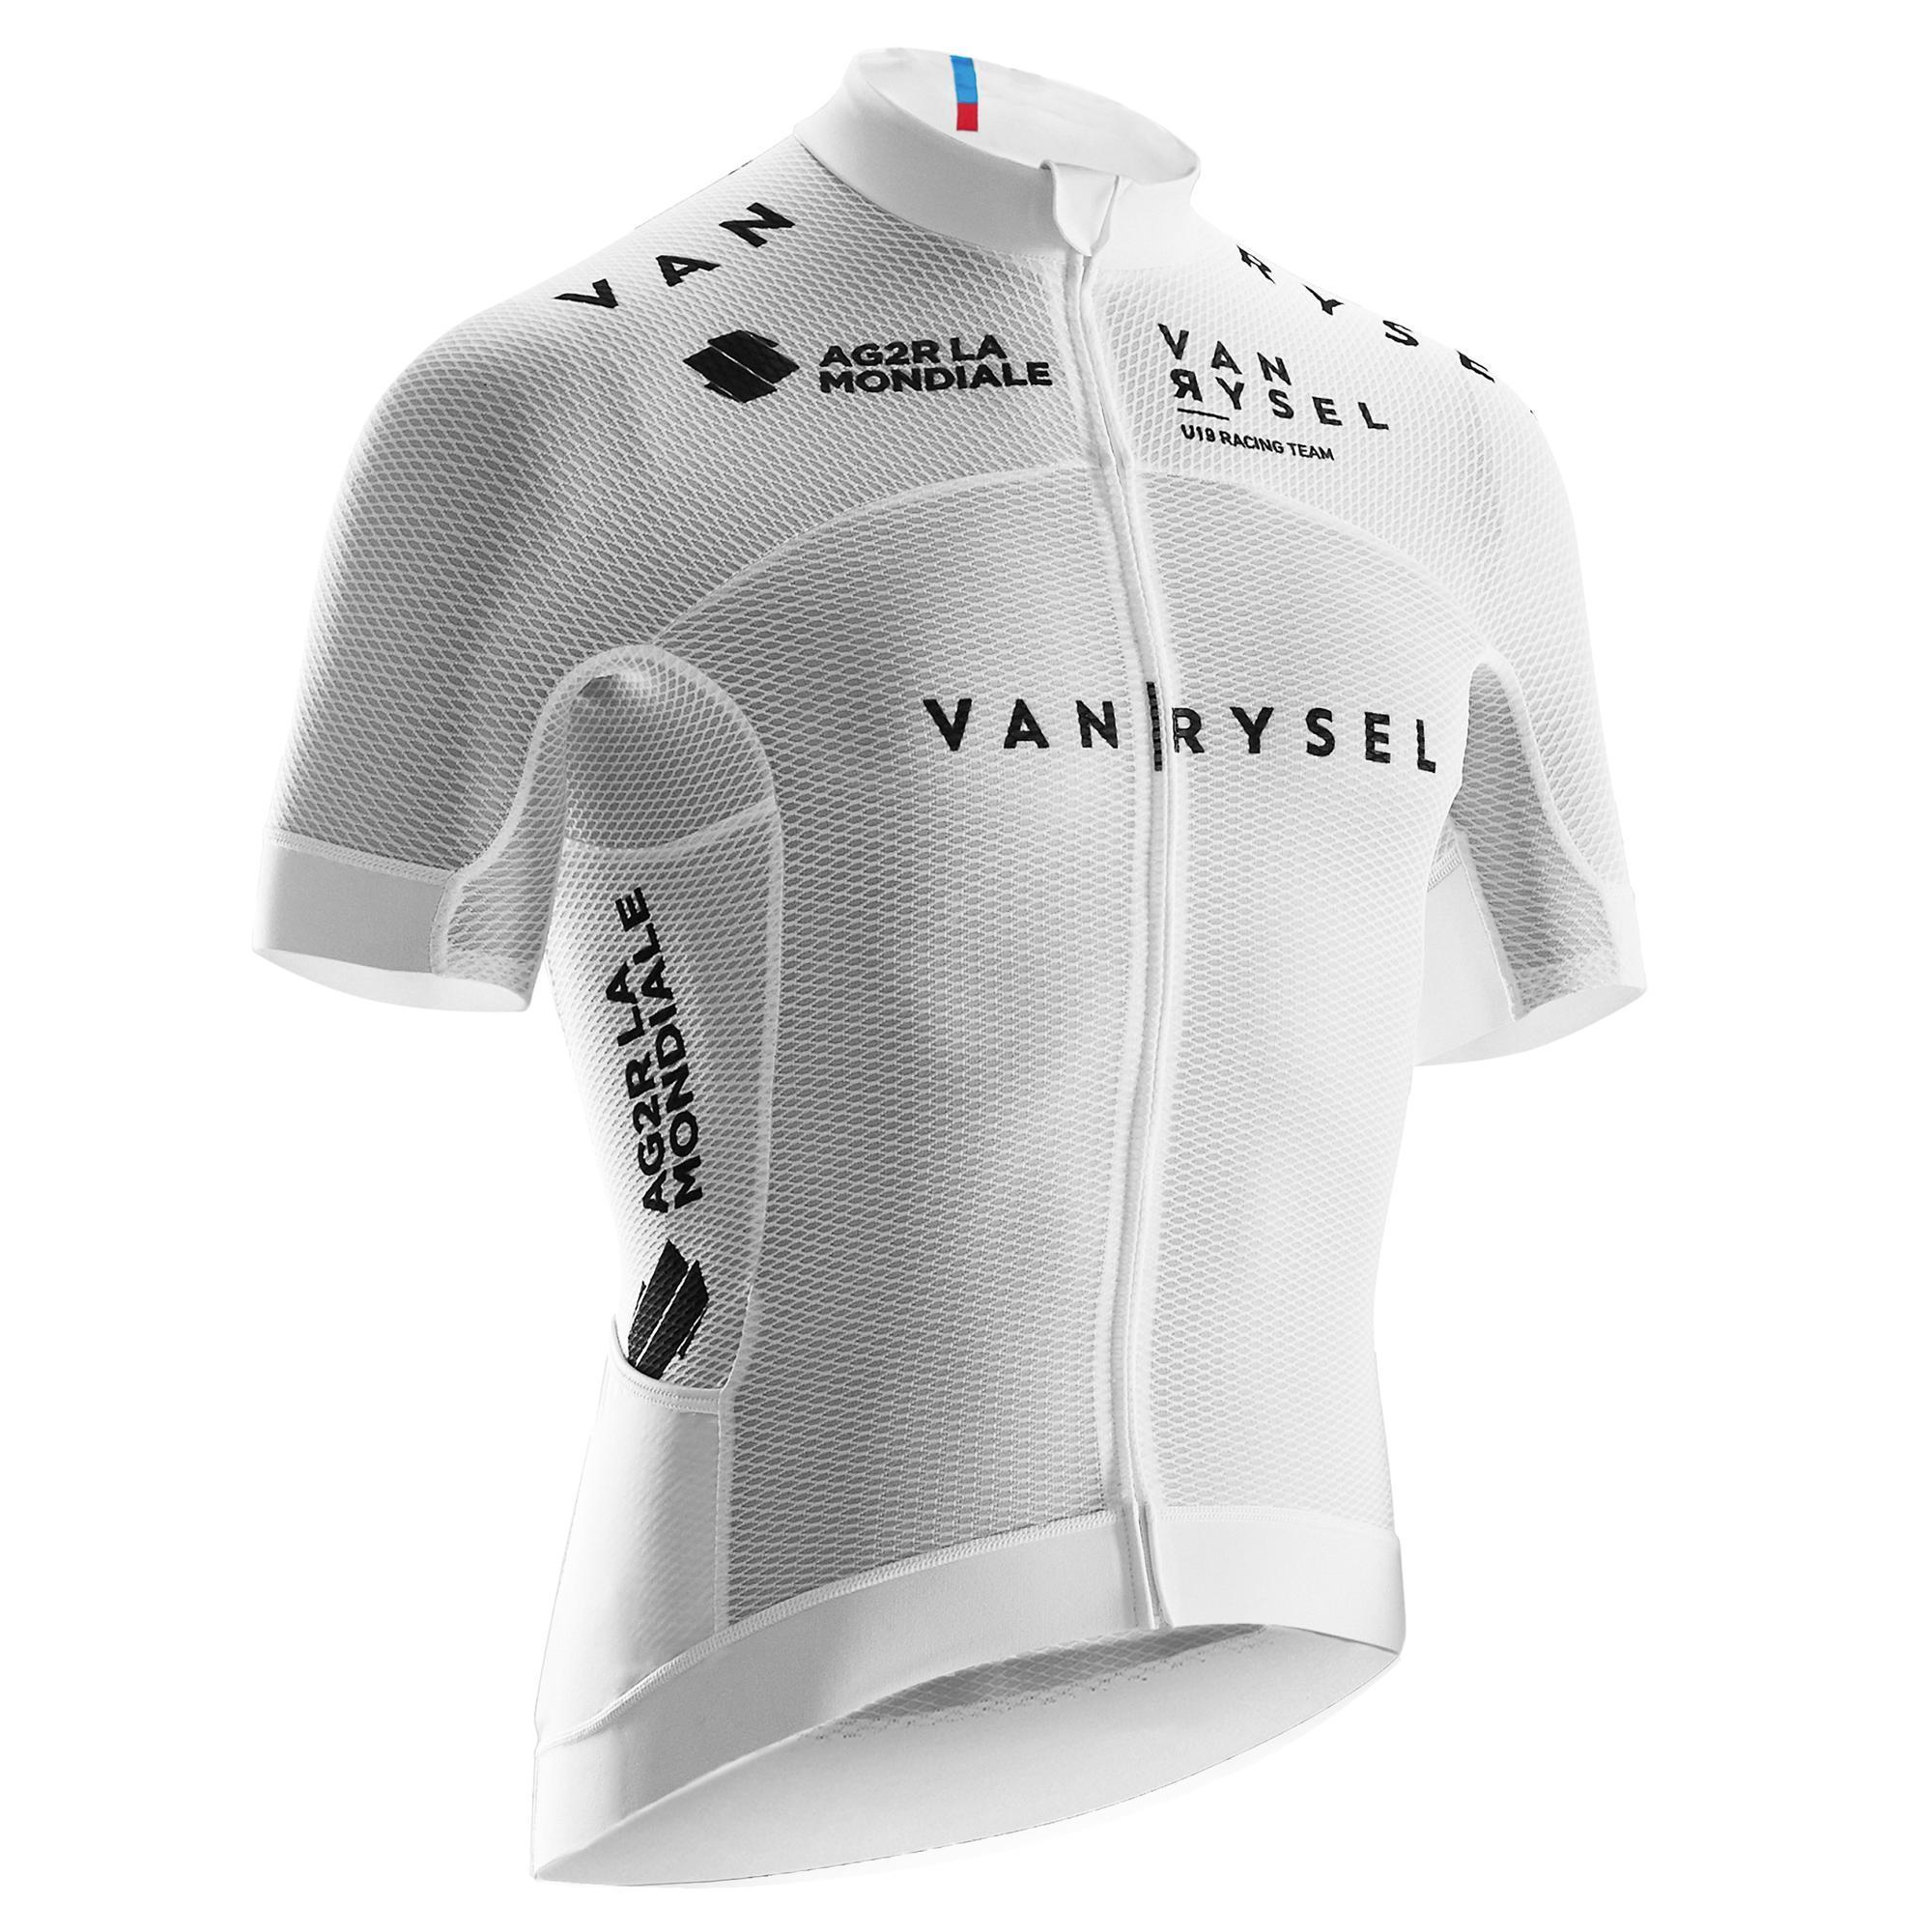 Fahrradtrikot kurzarm Rennrad RR 900 Team Mesh Herren weiß | Sportbekleidung > Trikots > Fahrradtrikots | Weiß - Schwarz | Baumwolle | Van rysel